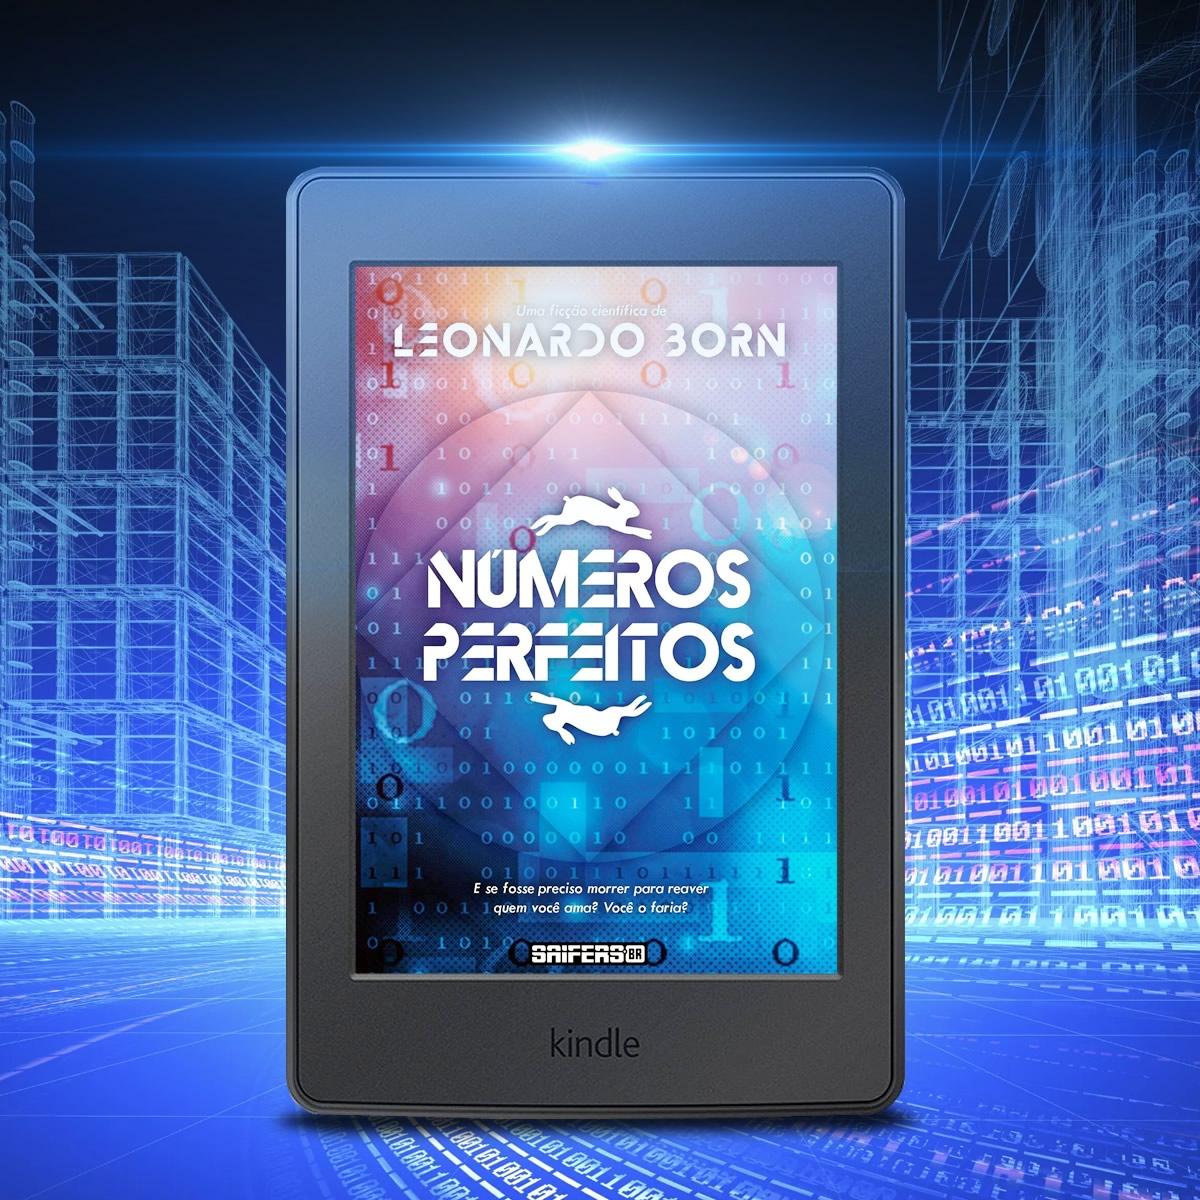 Leonardo numeros site - Leonardo Born | Escritor de Ficção Científica apresenta histórias de mistério e distopias do universo sci fi em seus livros